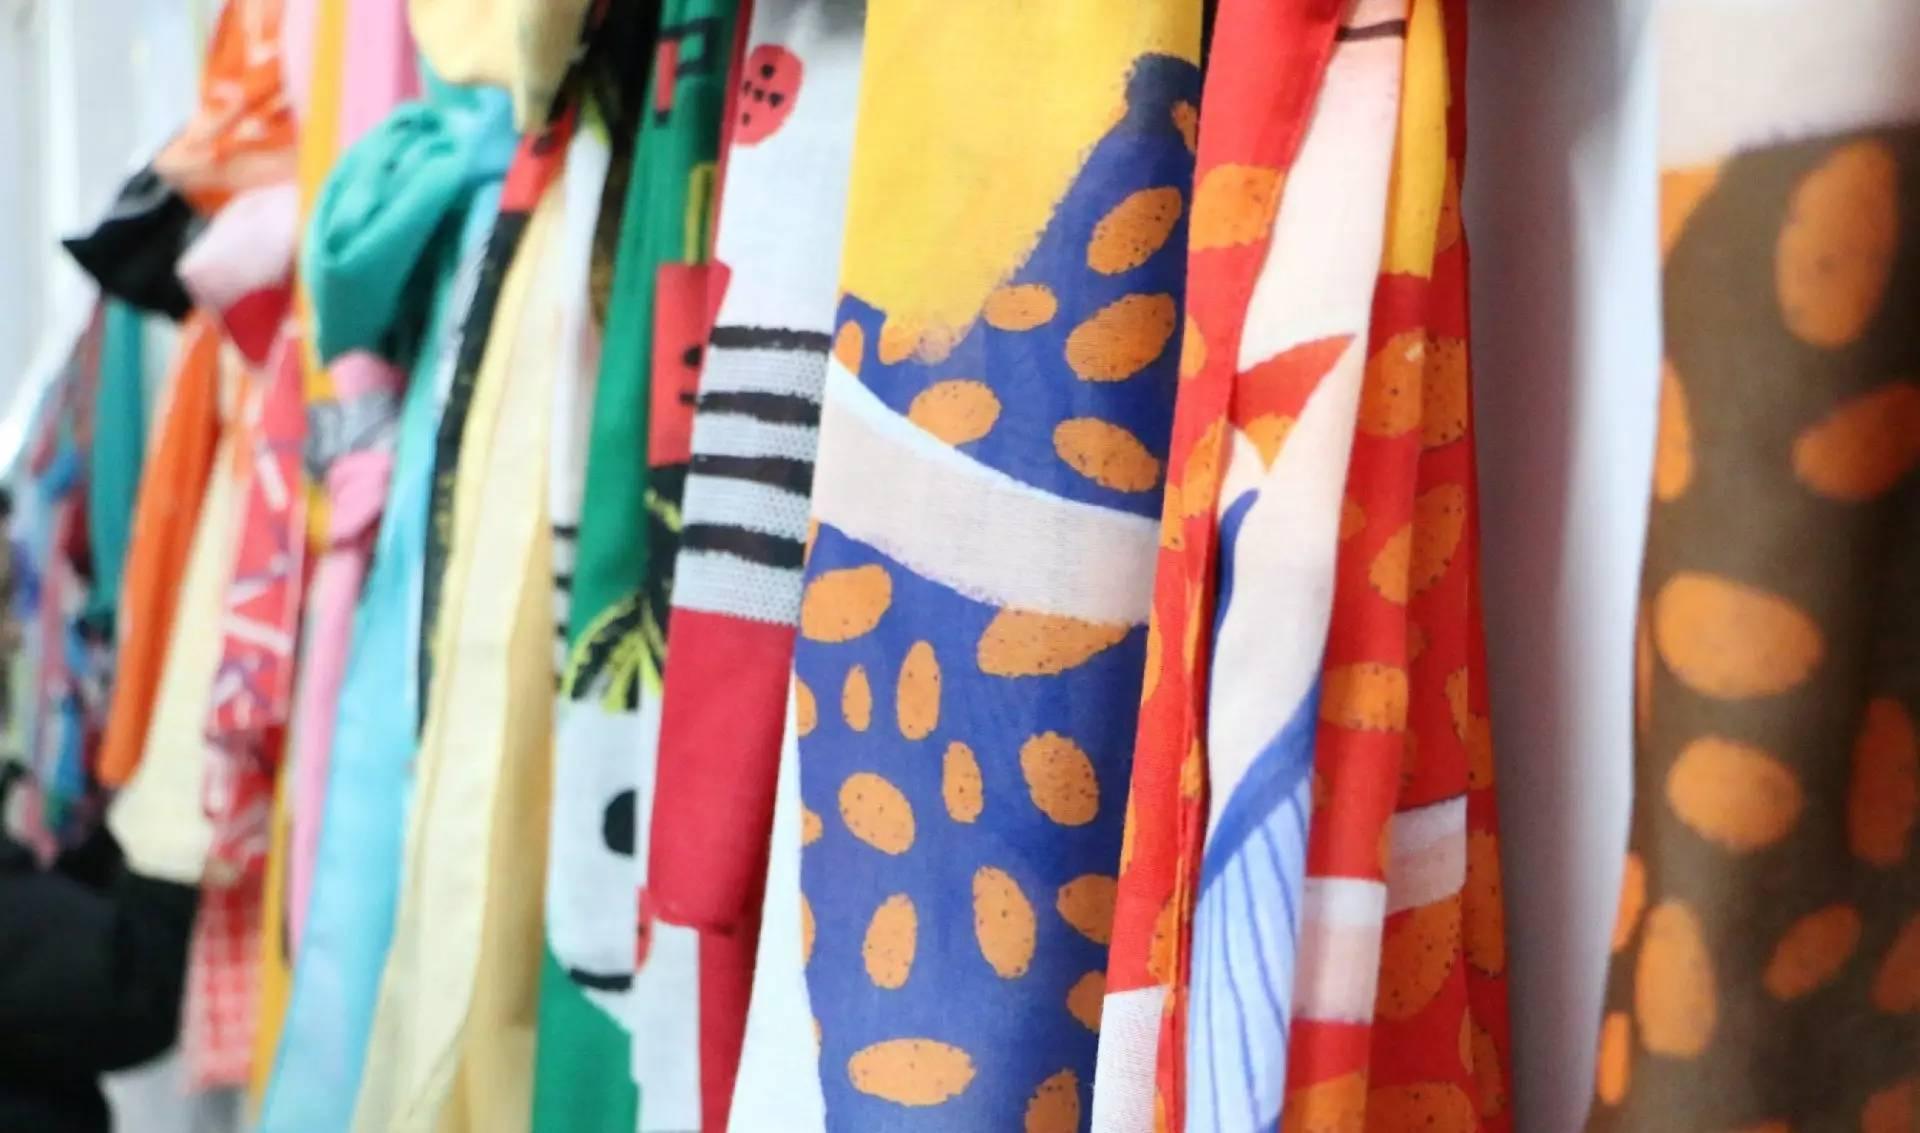 數碼印花技術怎樣助力紡織行業?又將如何發展?